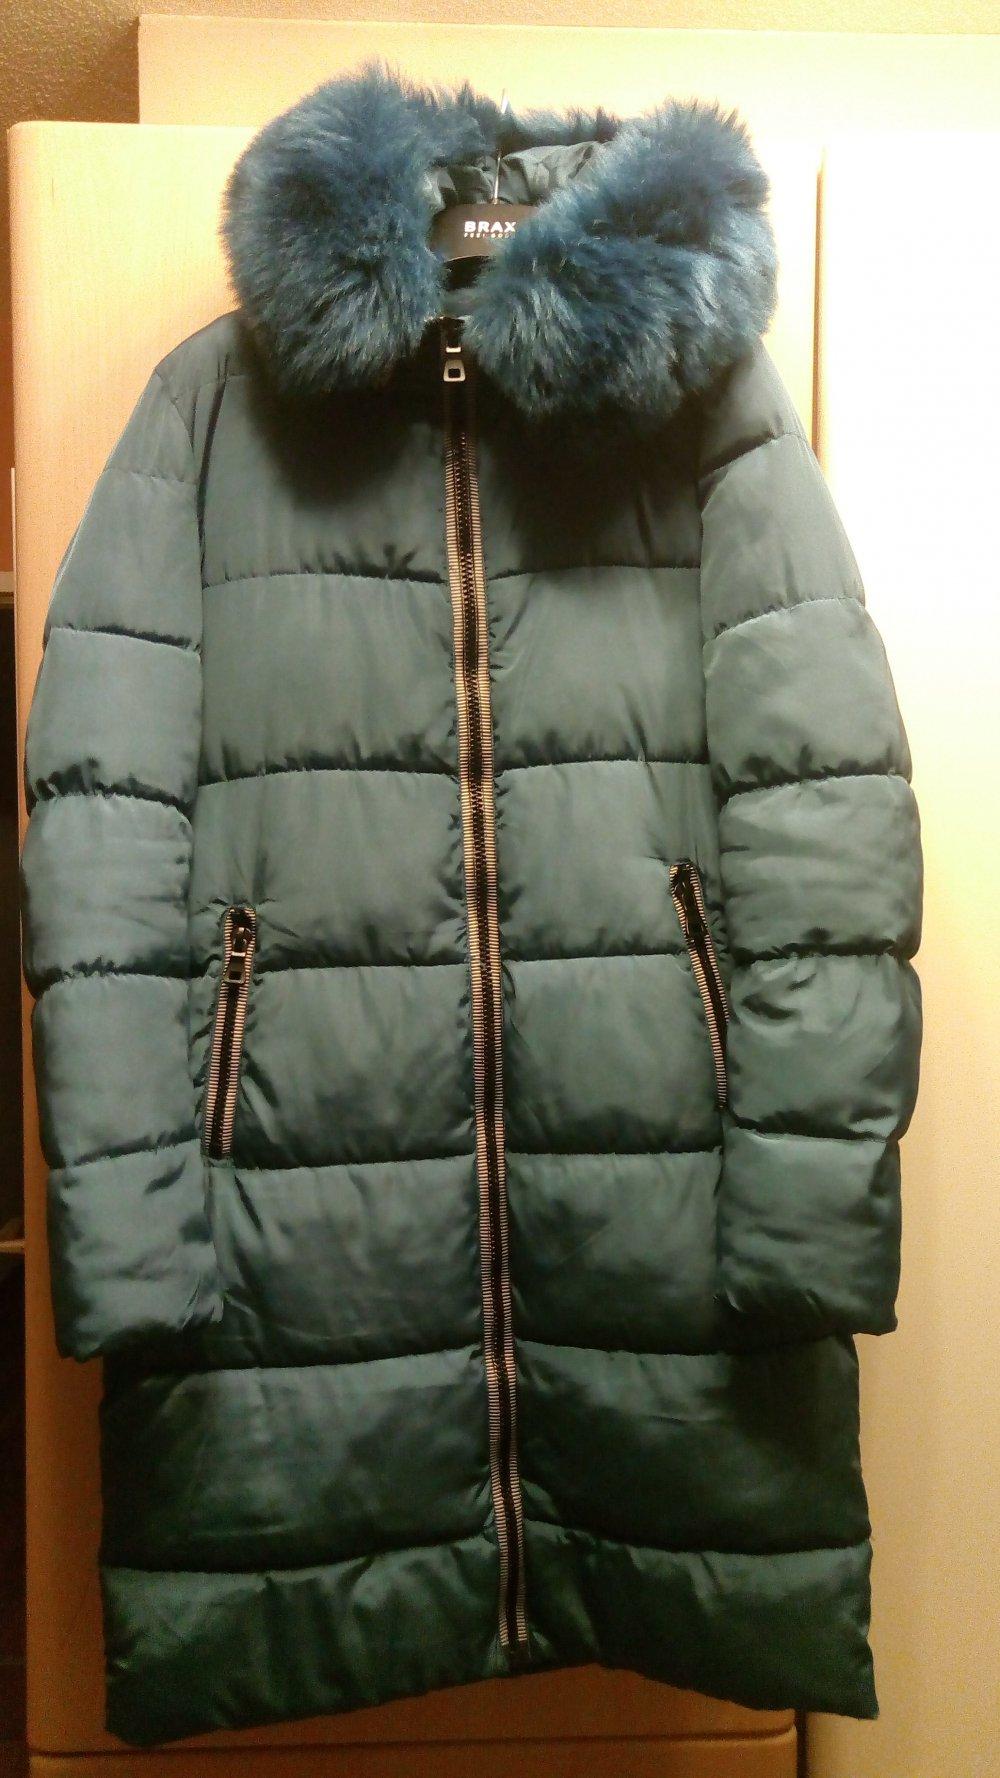 Toller Daunen Mantel mit Kaputze Winterschlussverkauf !!!